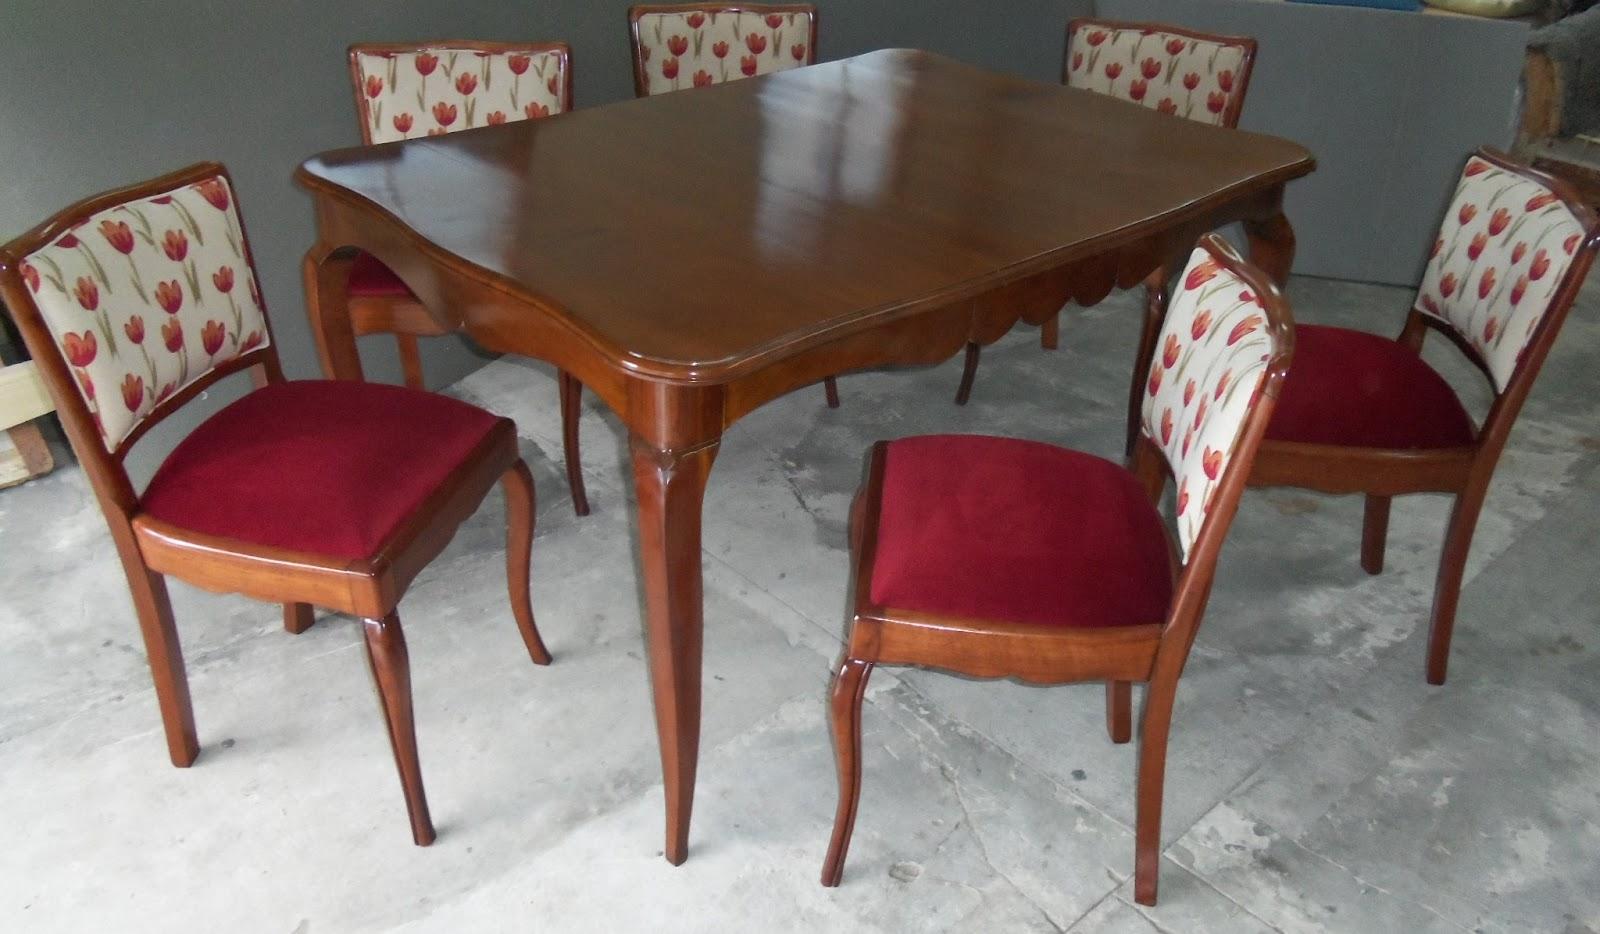 Entrar tapizados gyg restauracion de comedor provenzal - Sillon estilo provenzal ...